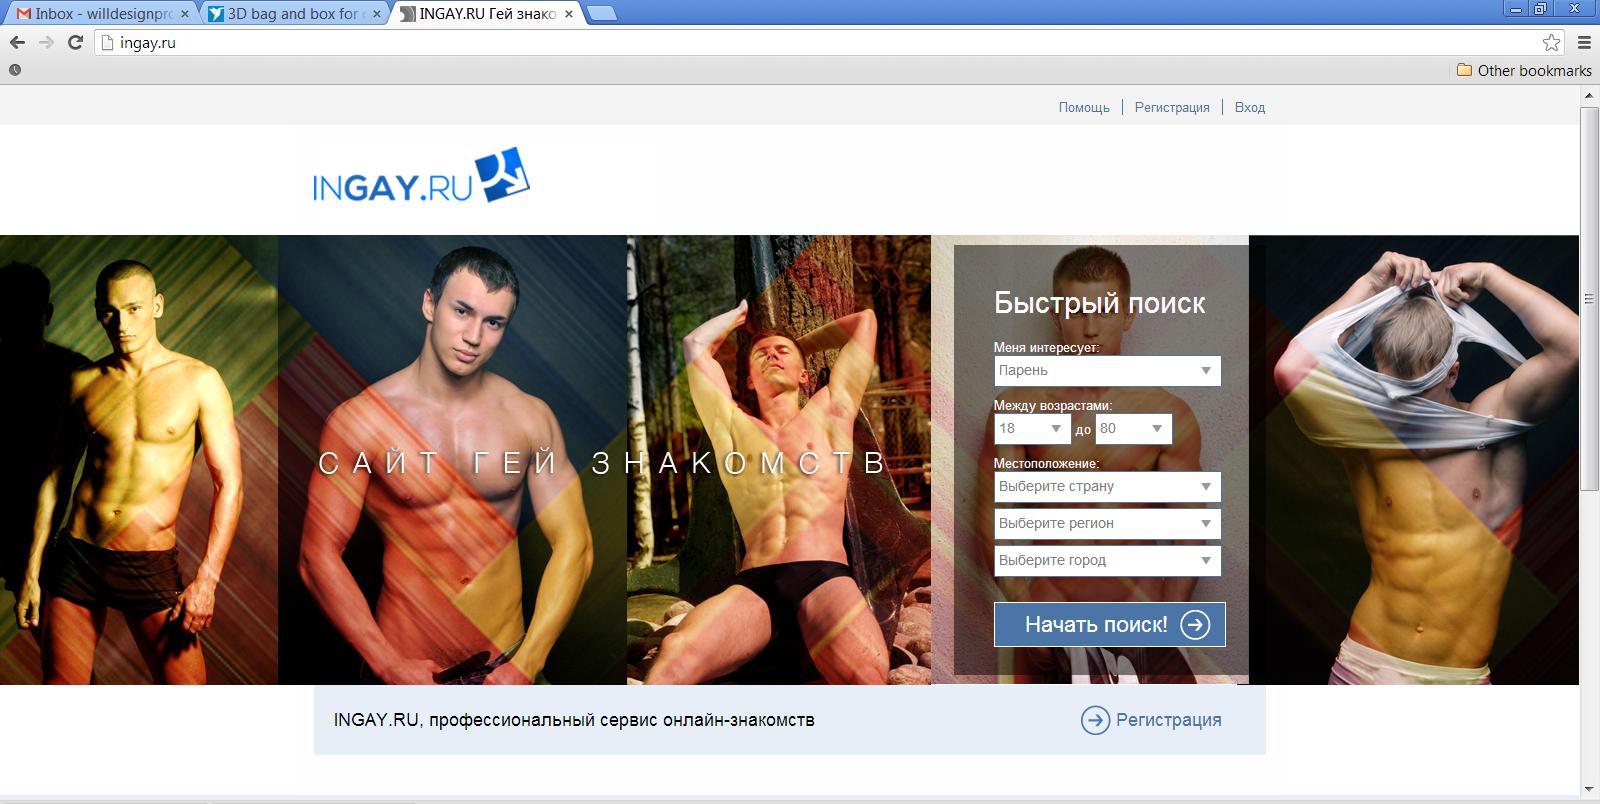 Сайт эротических знакомств в россии 17 фотография